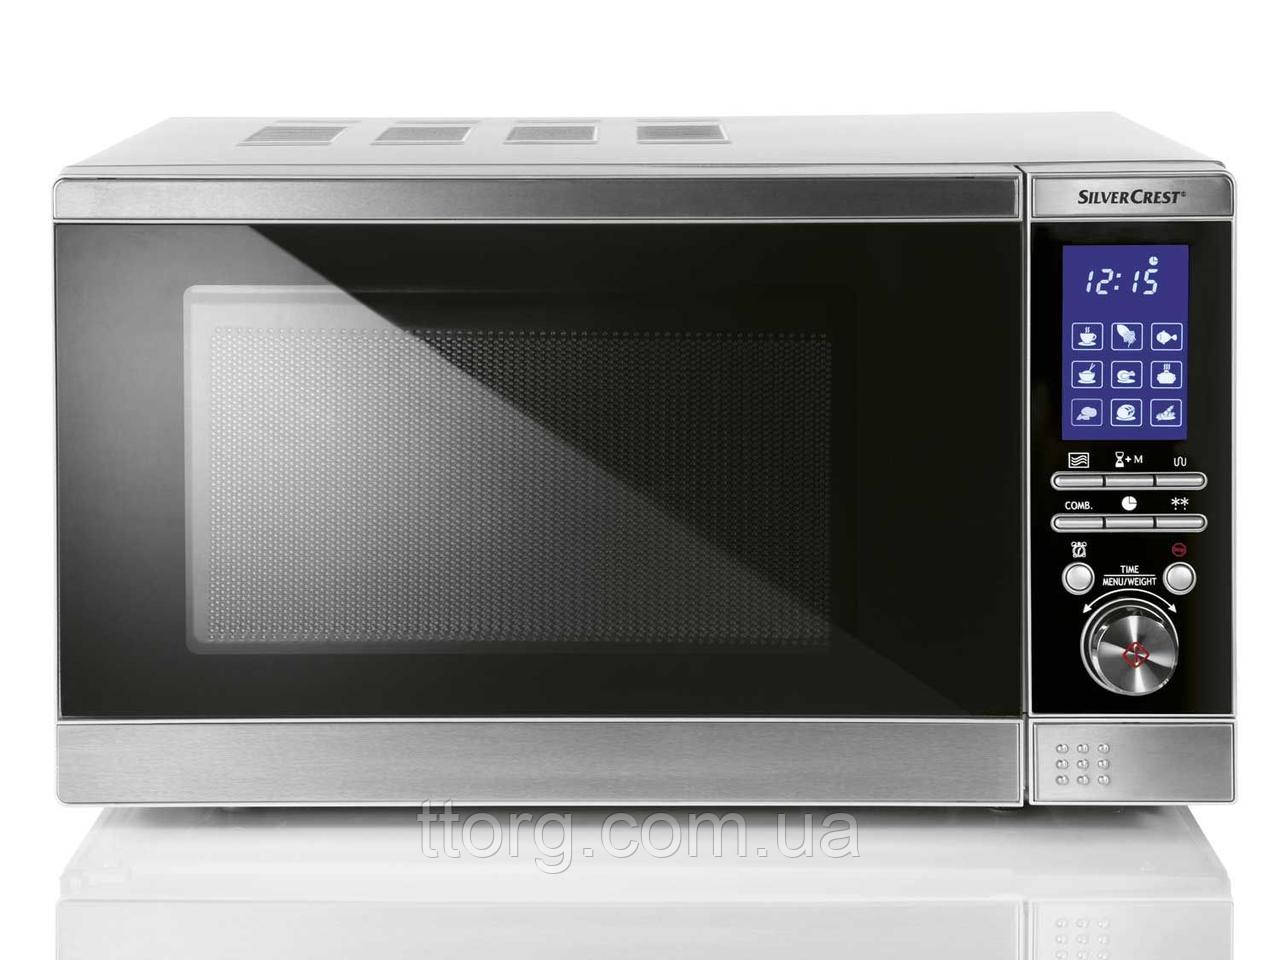 Микроволновая печь с грилем SILVERCREST SMW 800 B2